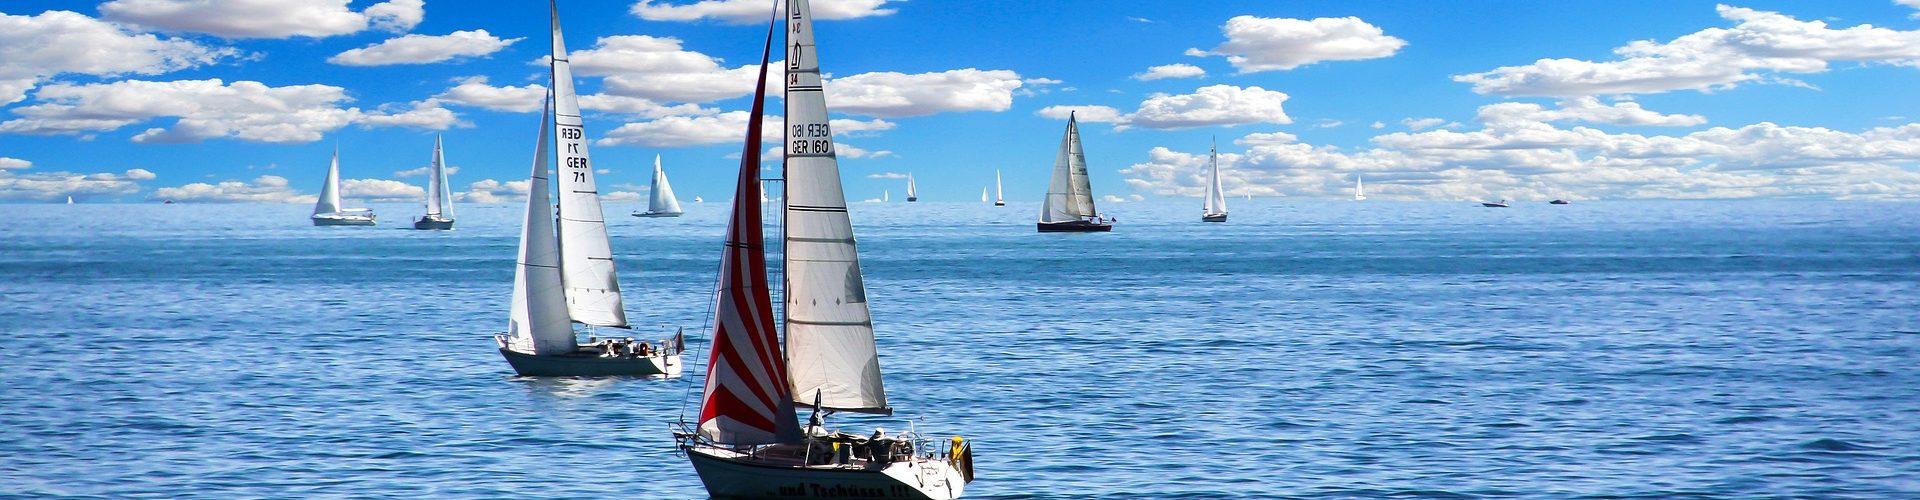 segeln lernen in Ganderkesee segelschein machen in Ganderkesee 1920x500 - Segeln lernen in Ganderkesee